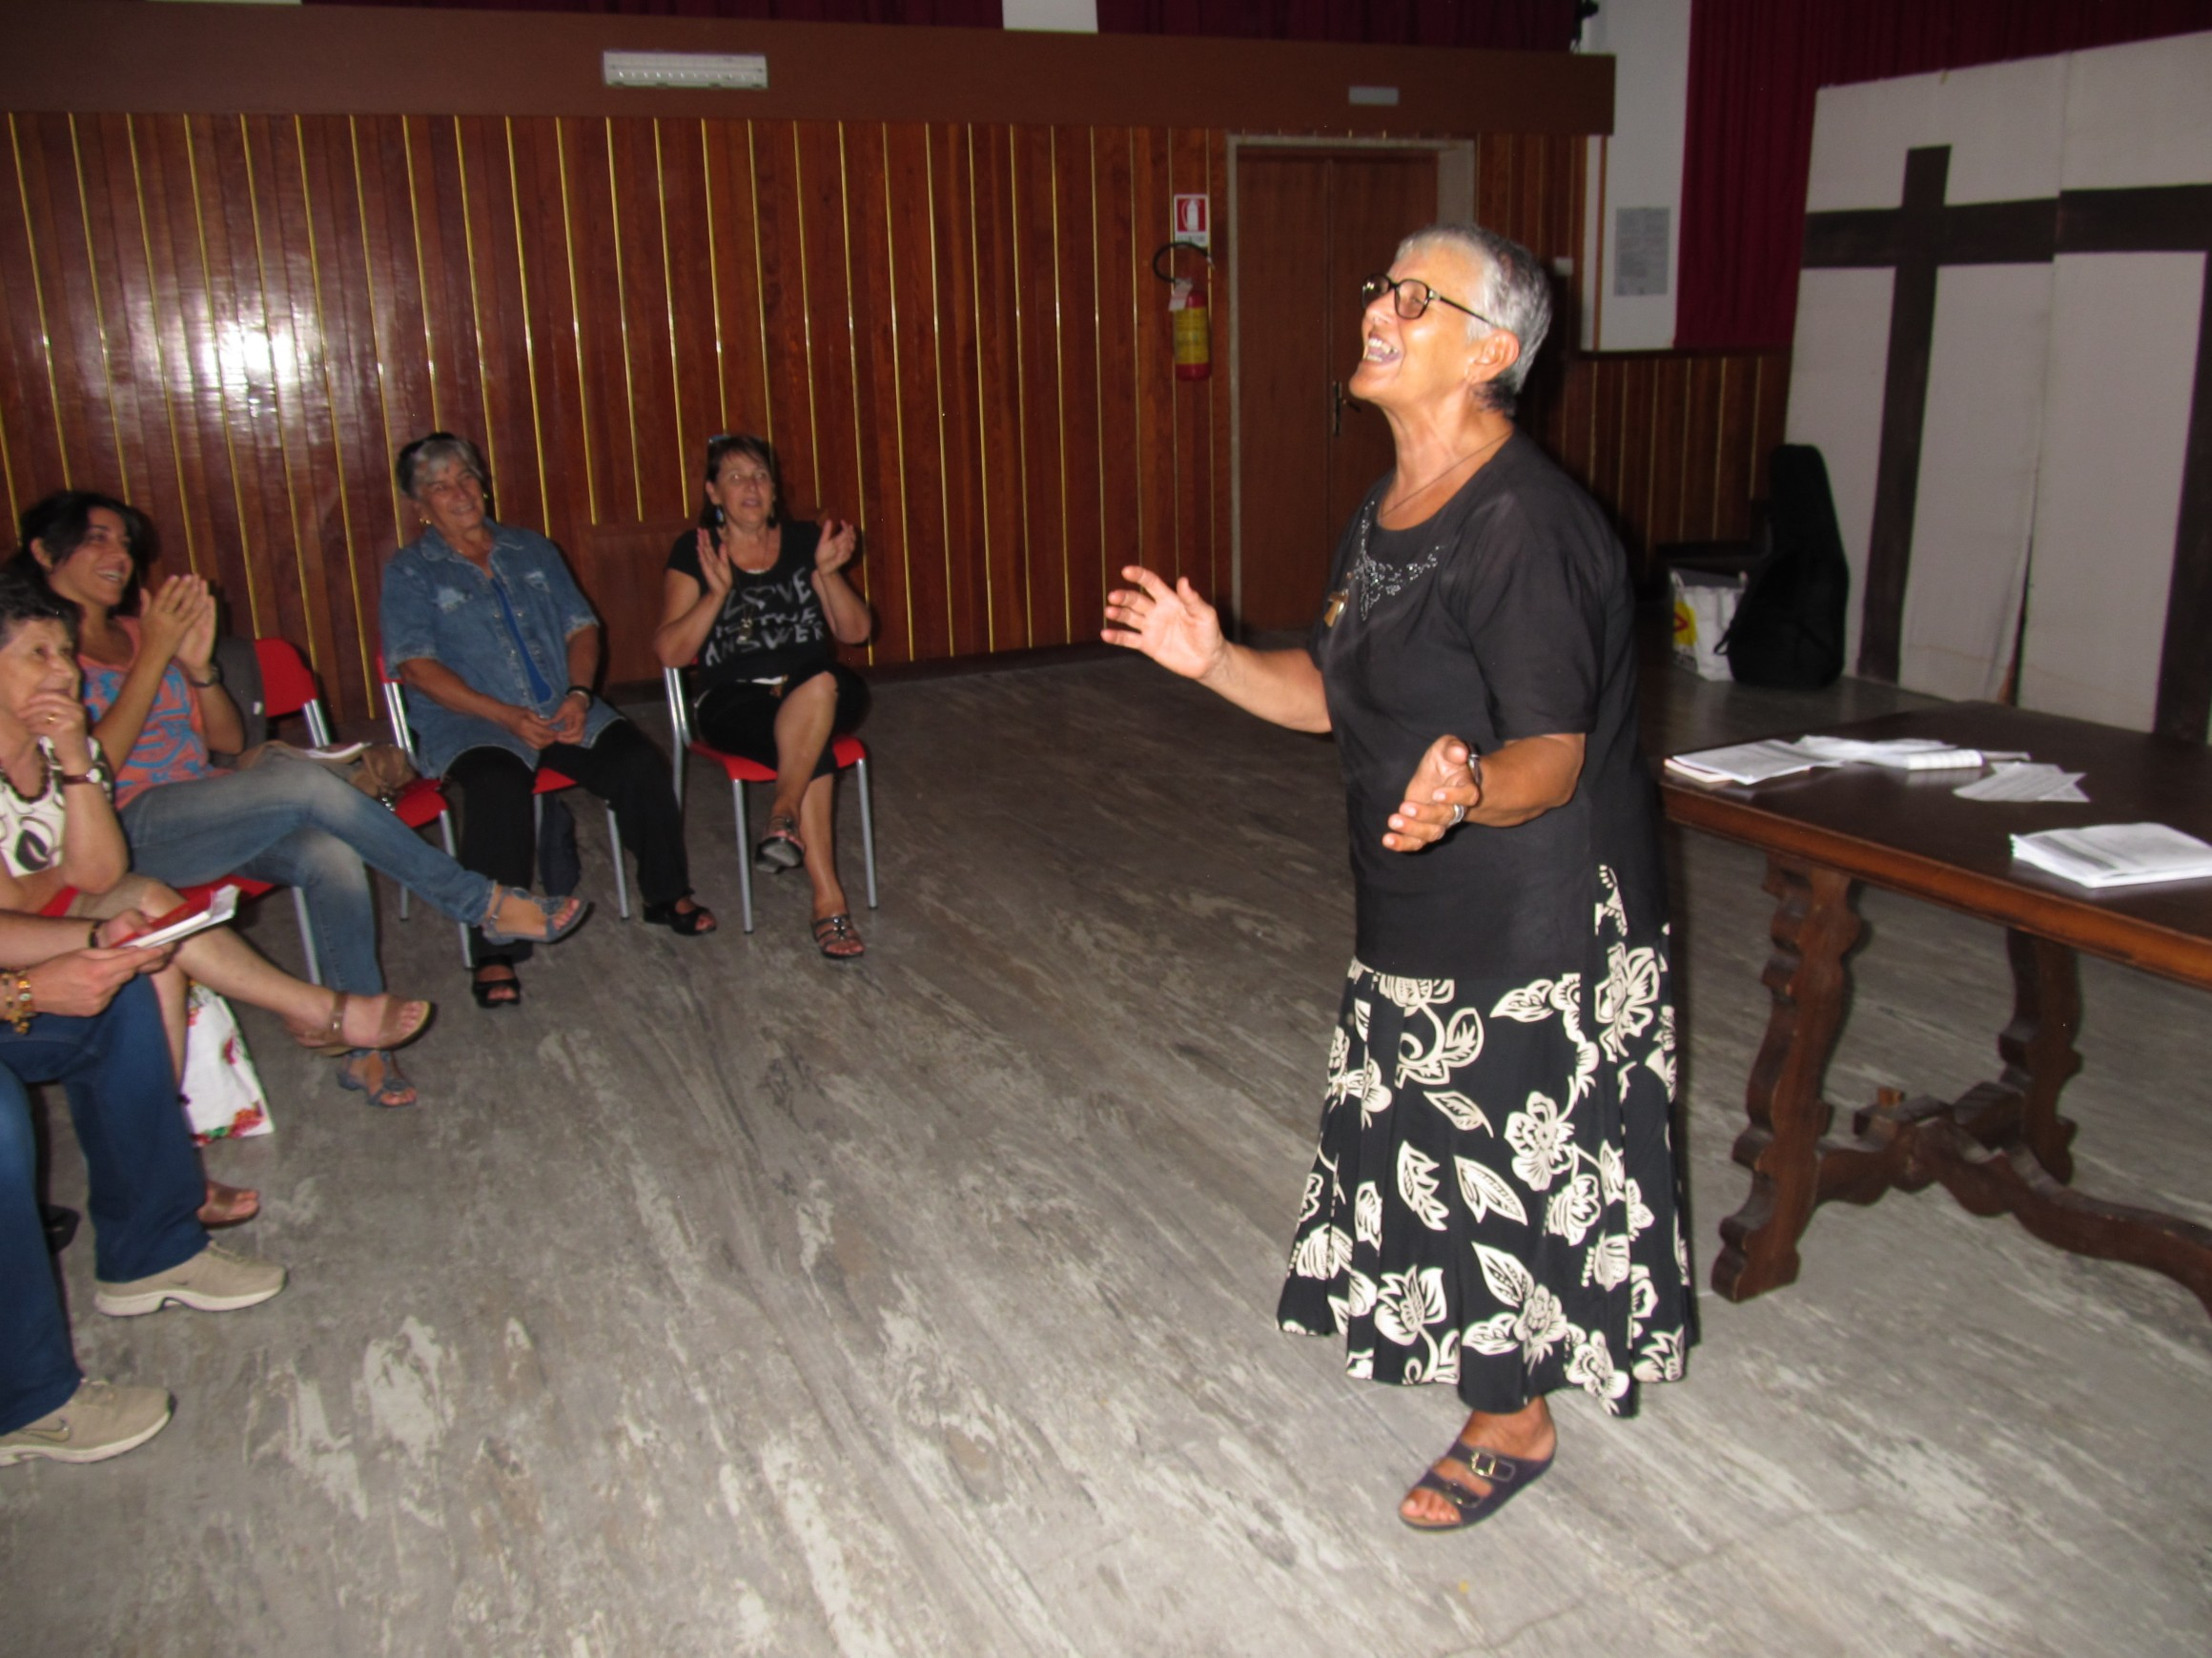 giornata_comunita_arenzano-2013-09-22-15-39-17